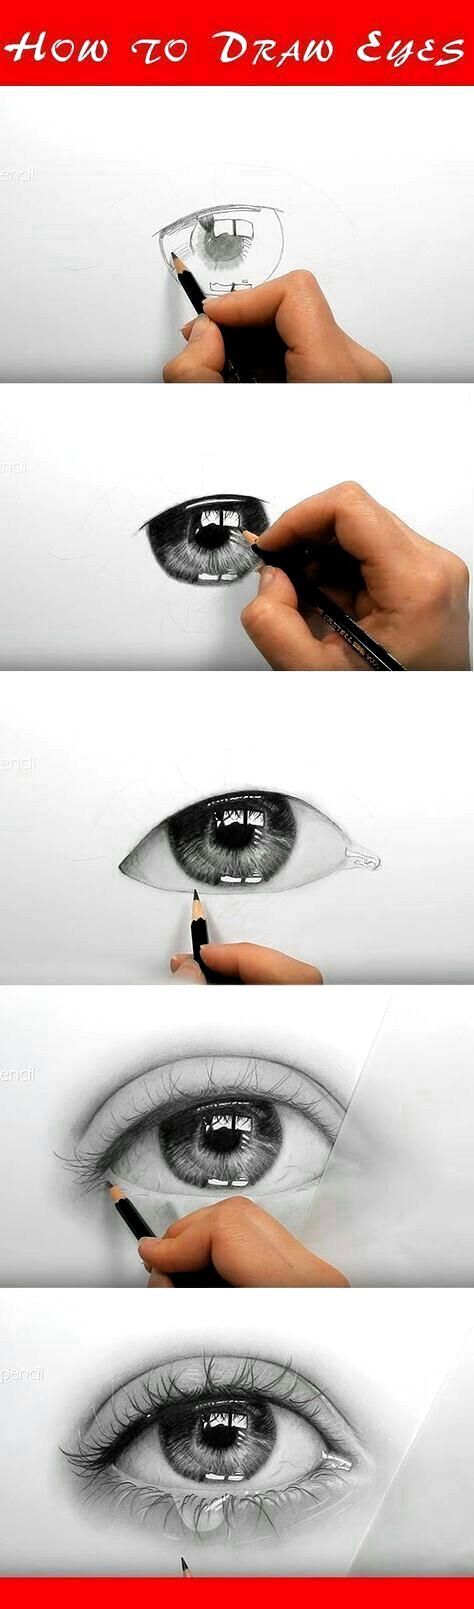 Art -  Art  - #Art #FineArt #OilPaintings #PencilPortrait